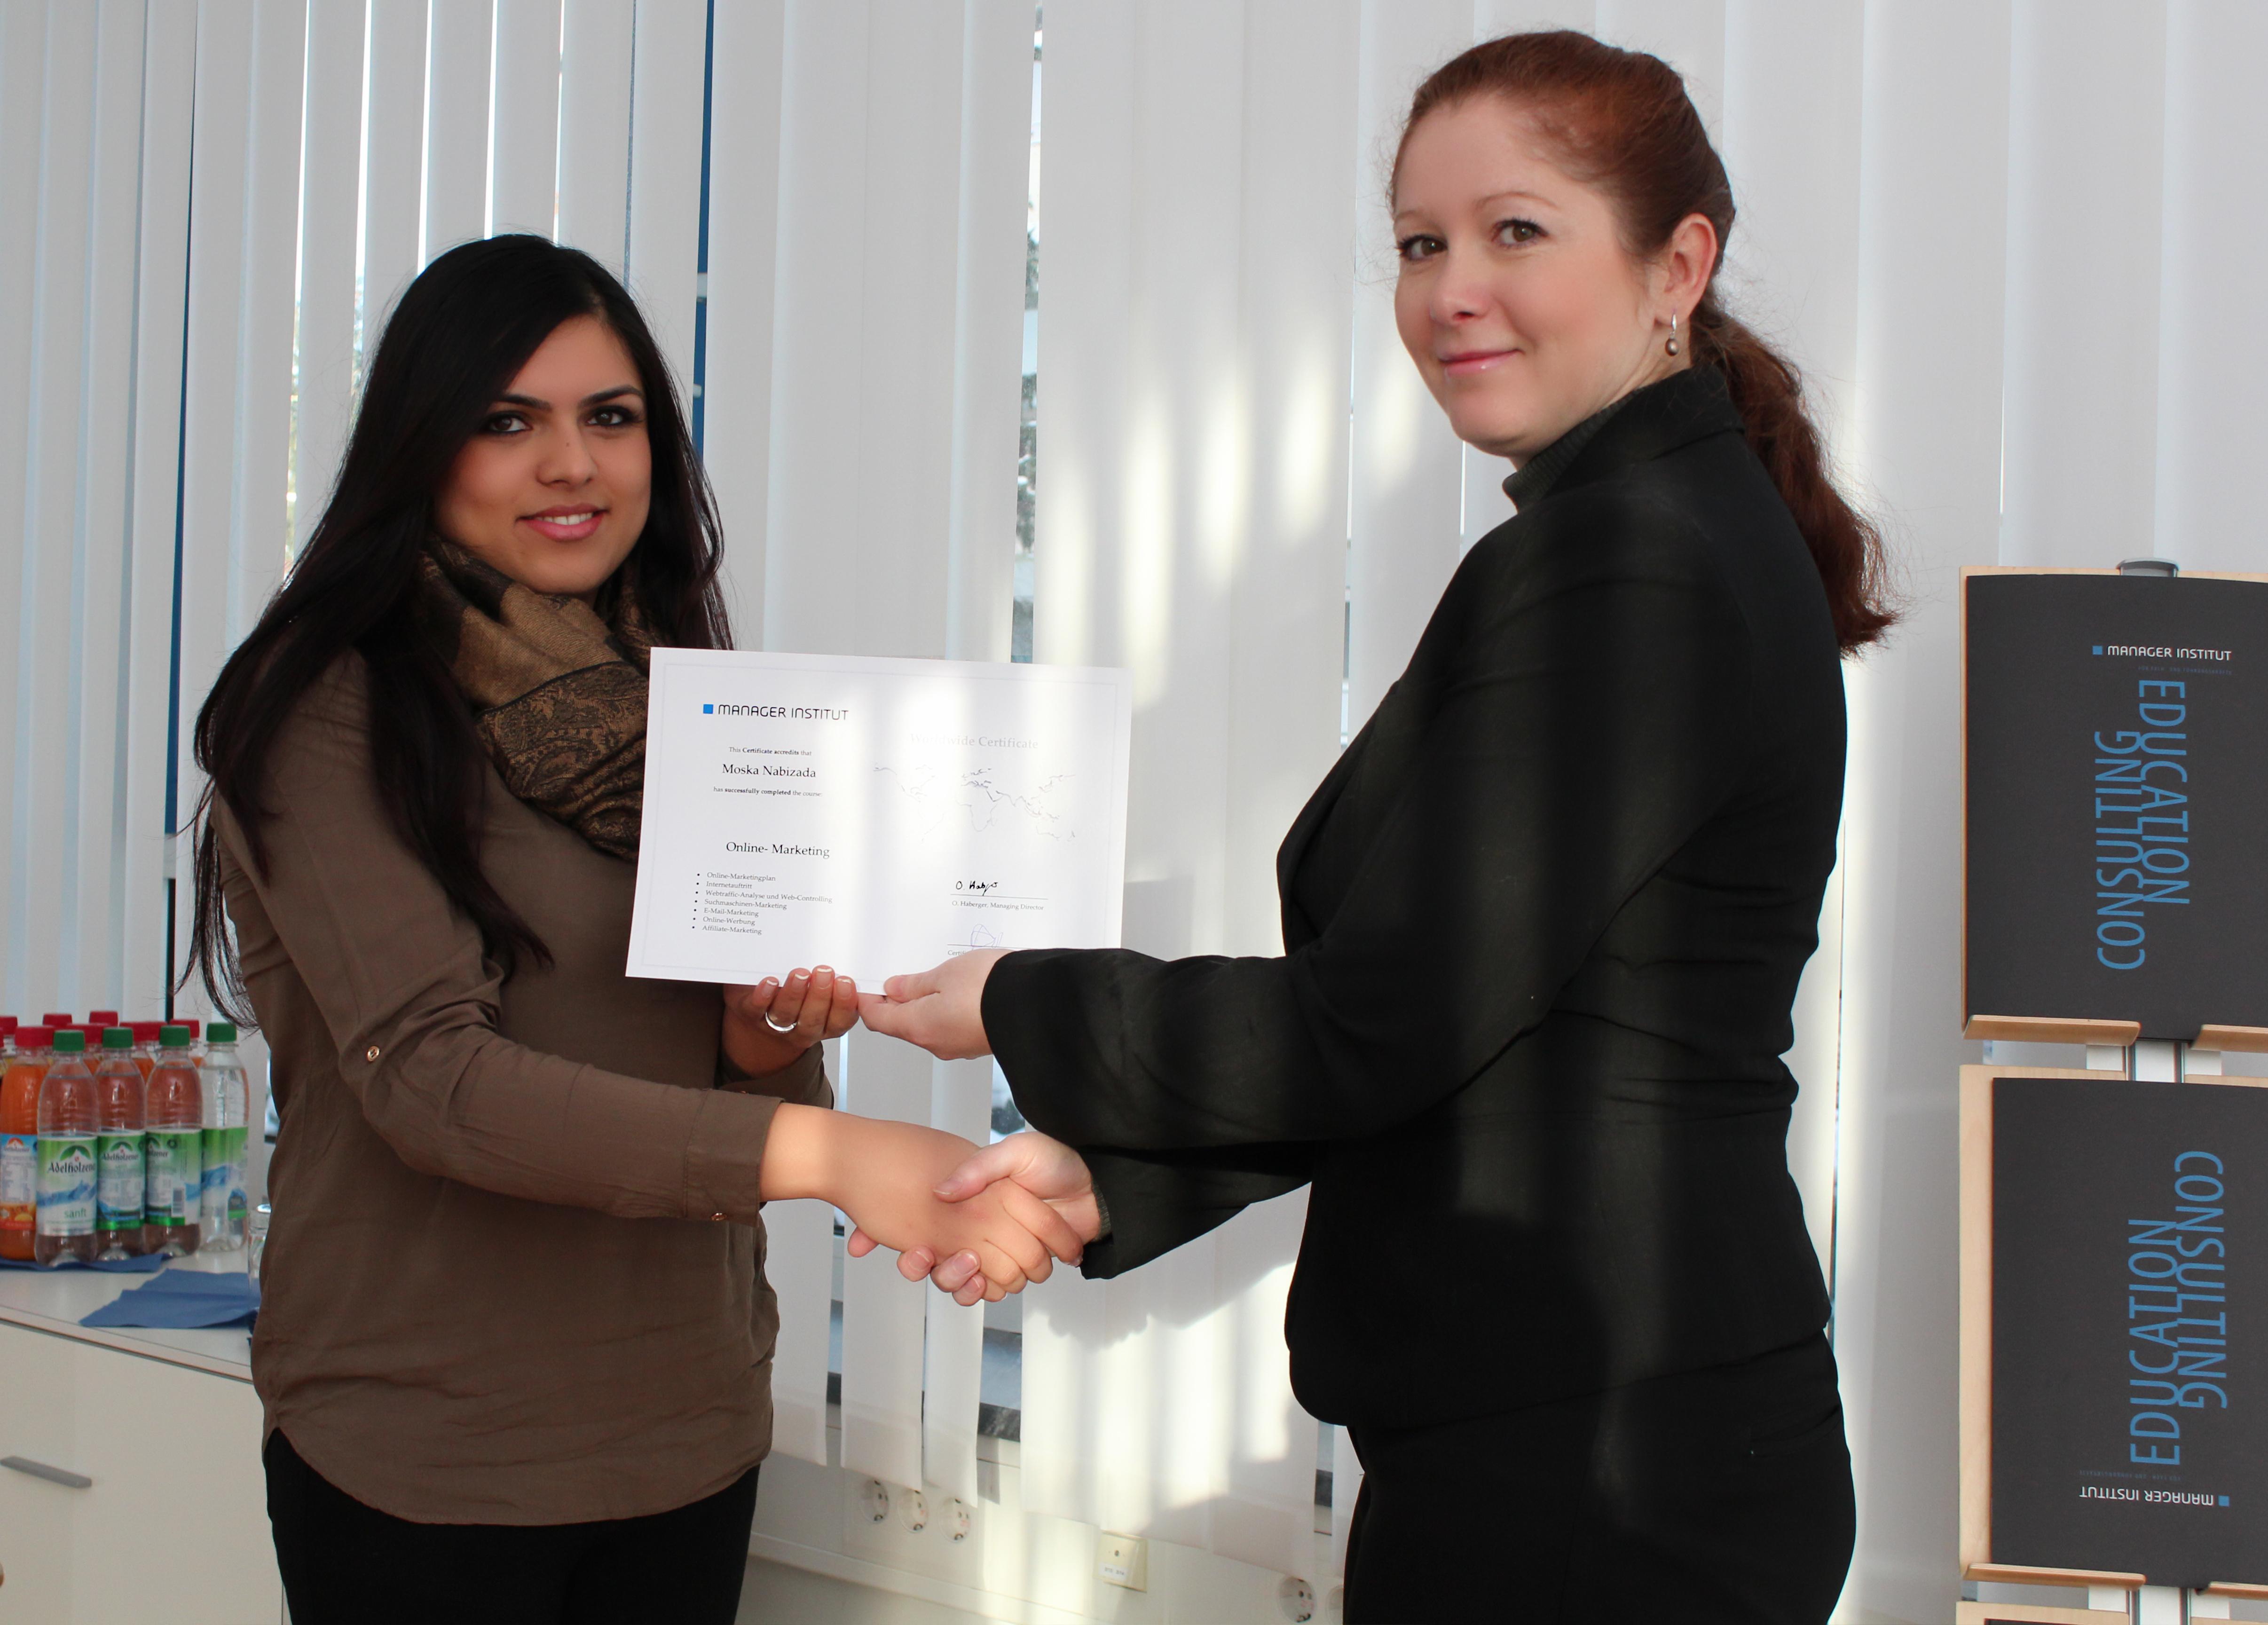 Frau Nabiza erhält wohlverdient ihr Abschlusszertifikat